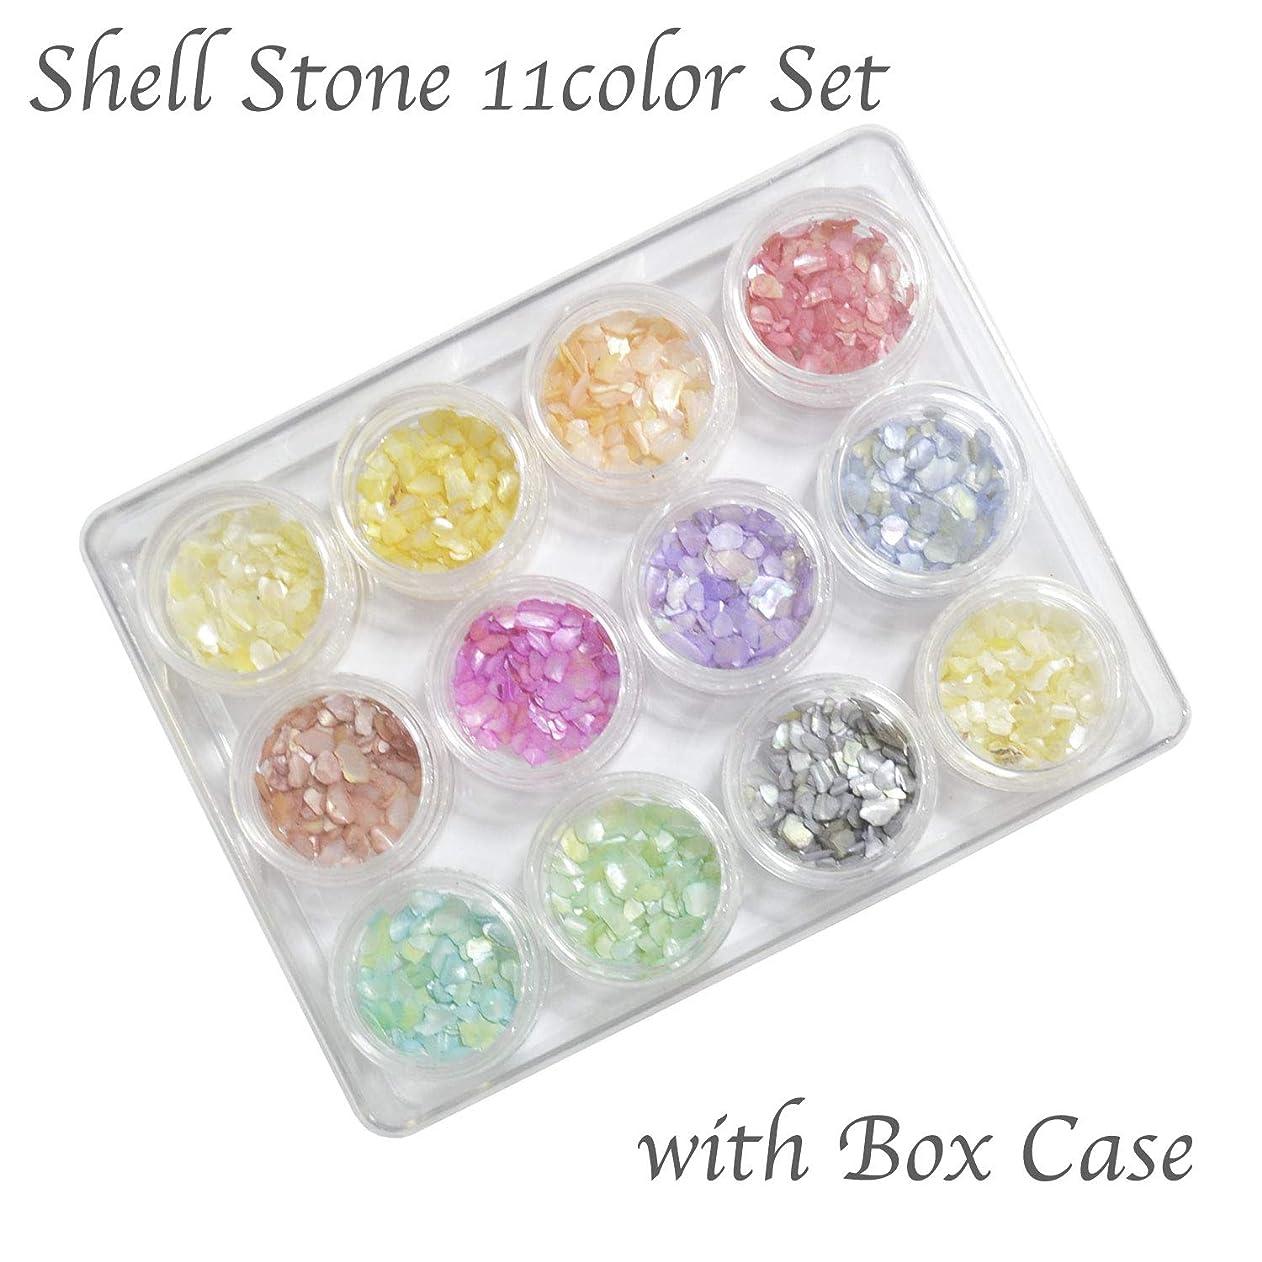 扇動自発味シェルストーン 11色セット スクエアボックスケース入り /11color+アイボリーのみ丸ケース2個